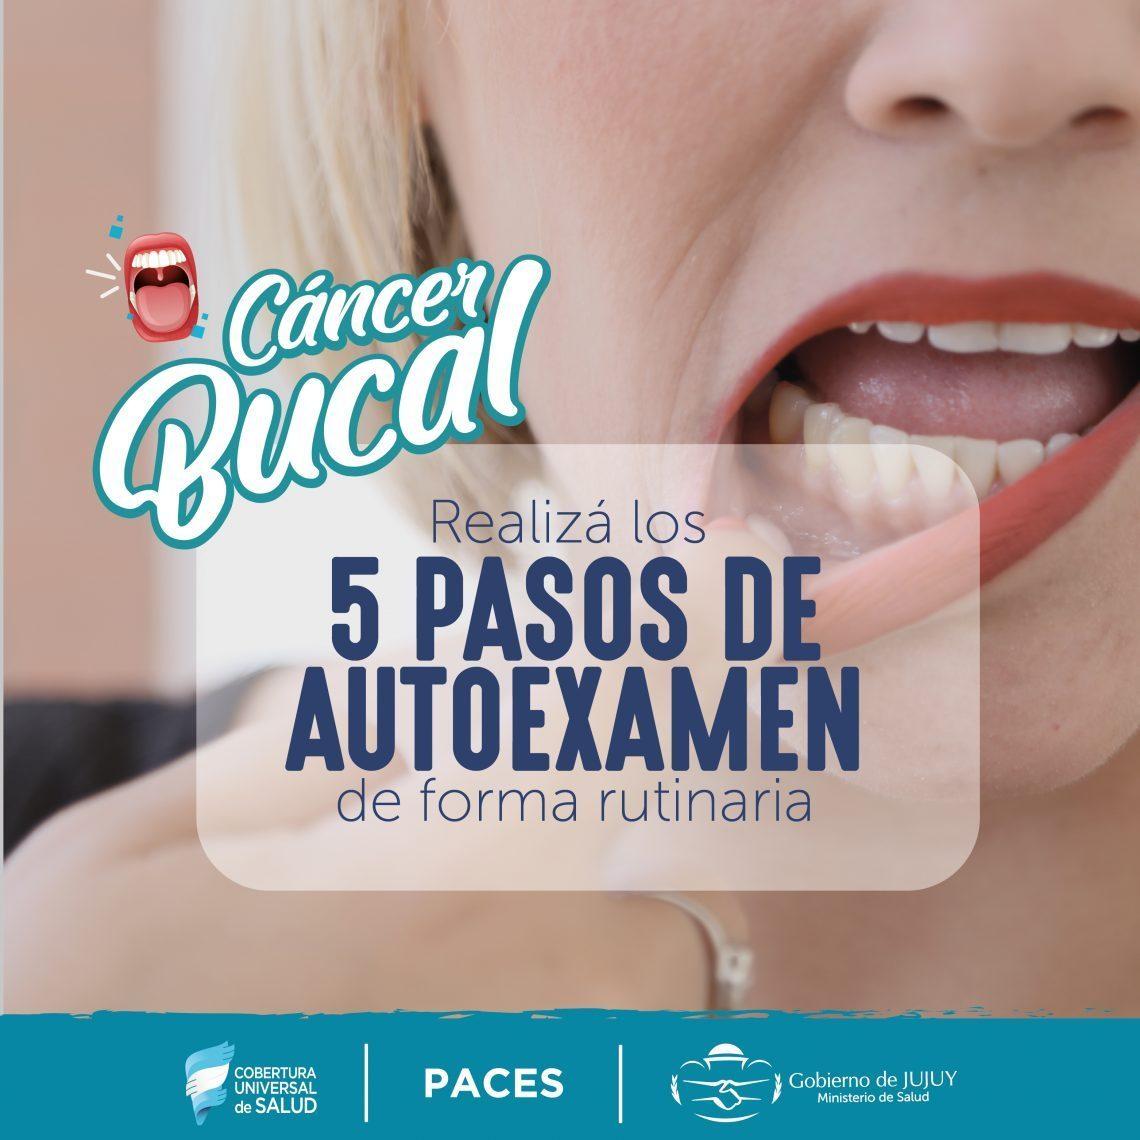 Prevención y control como respuesta al cáncer bucal